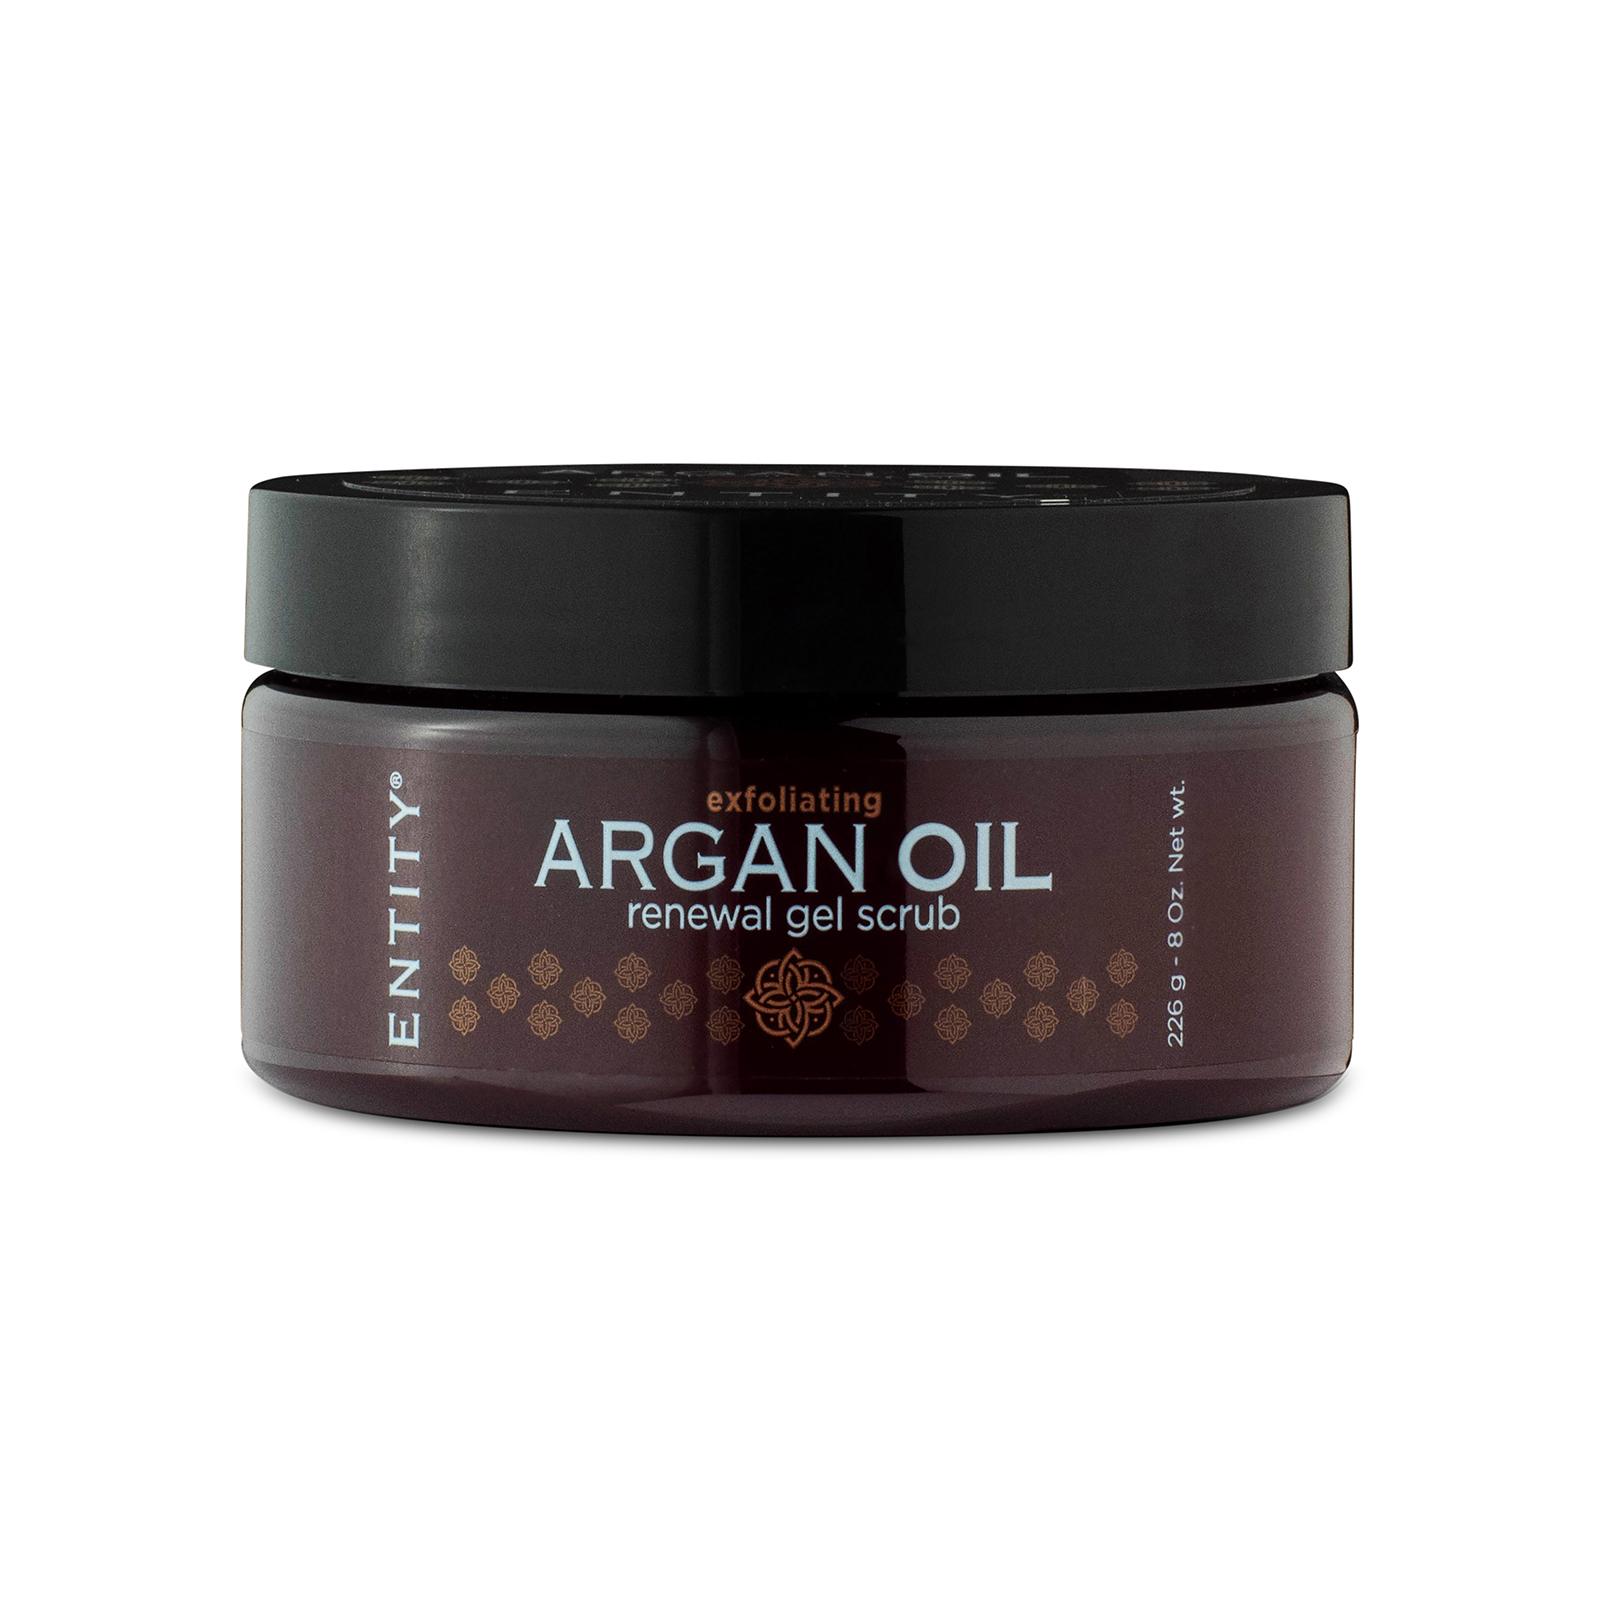 ENTITY Argan Oil - Renewal Gel Scrub